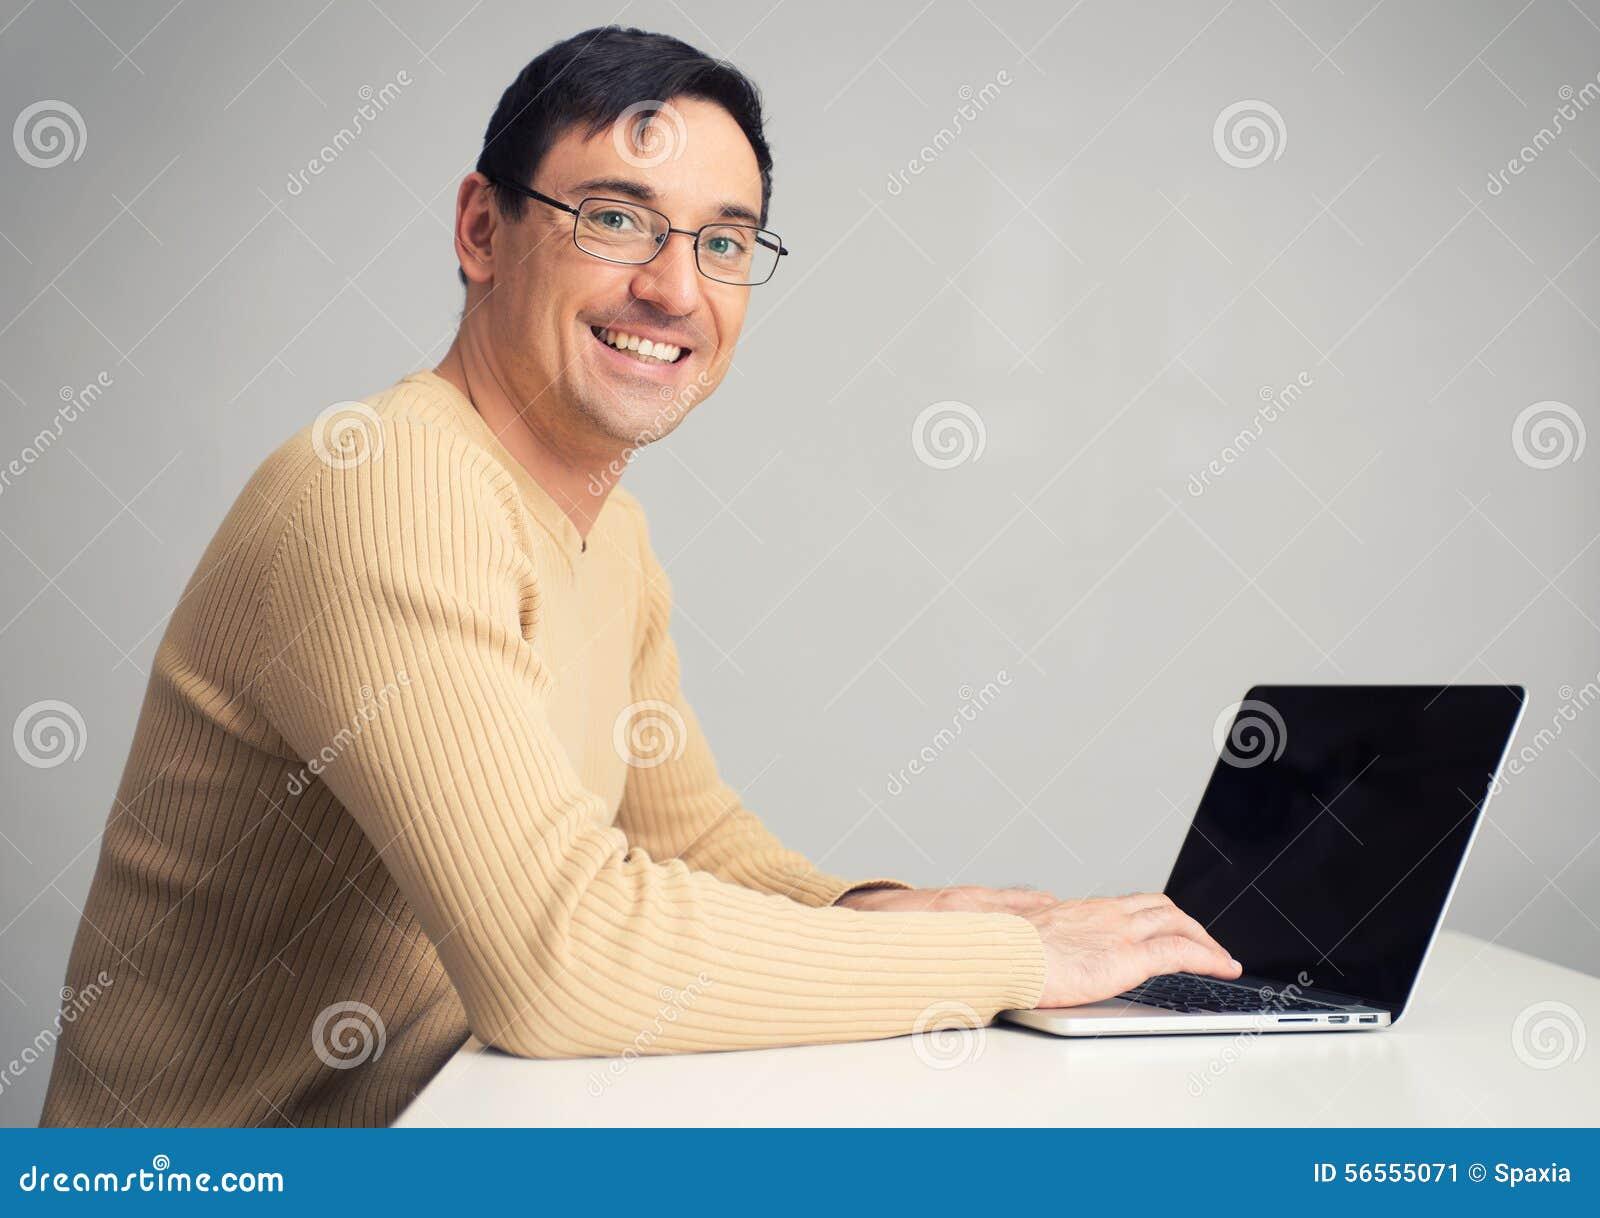 Download Συνεδρίαση ατόμων στο γραφείο, που λειτουργεί στο φορητό προσωπικό υπολογιστή Στοκ Εικόνα - εικόνα από γυαλιά, καθίστε: 56555071